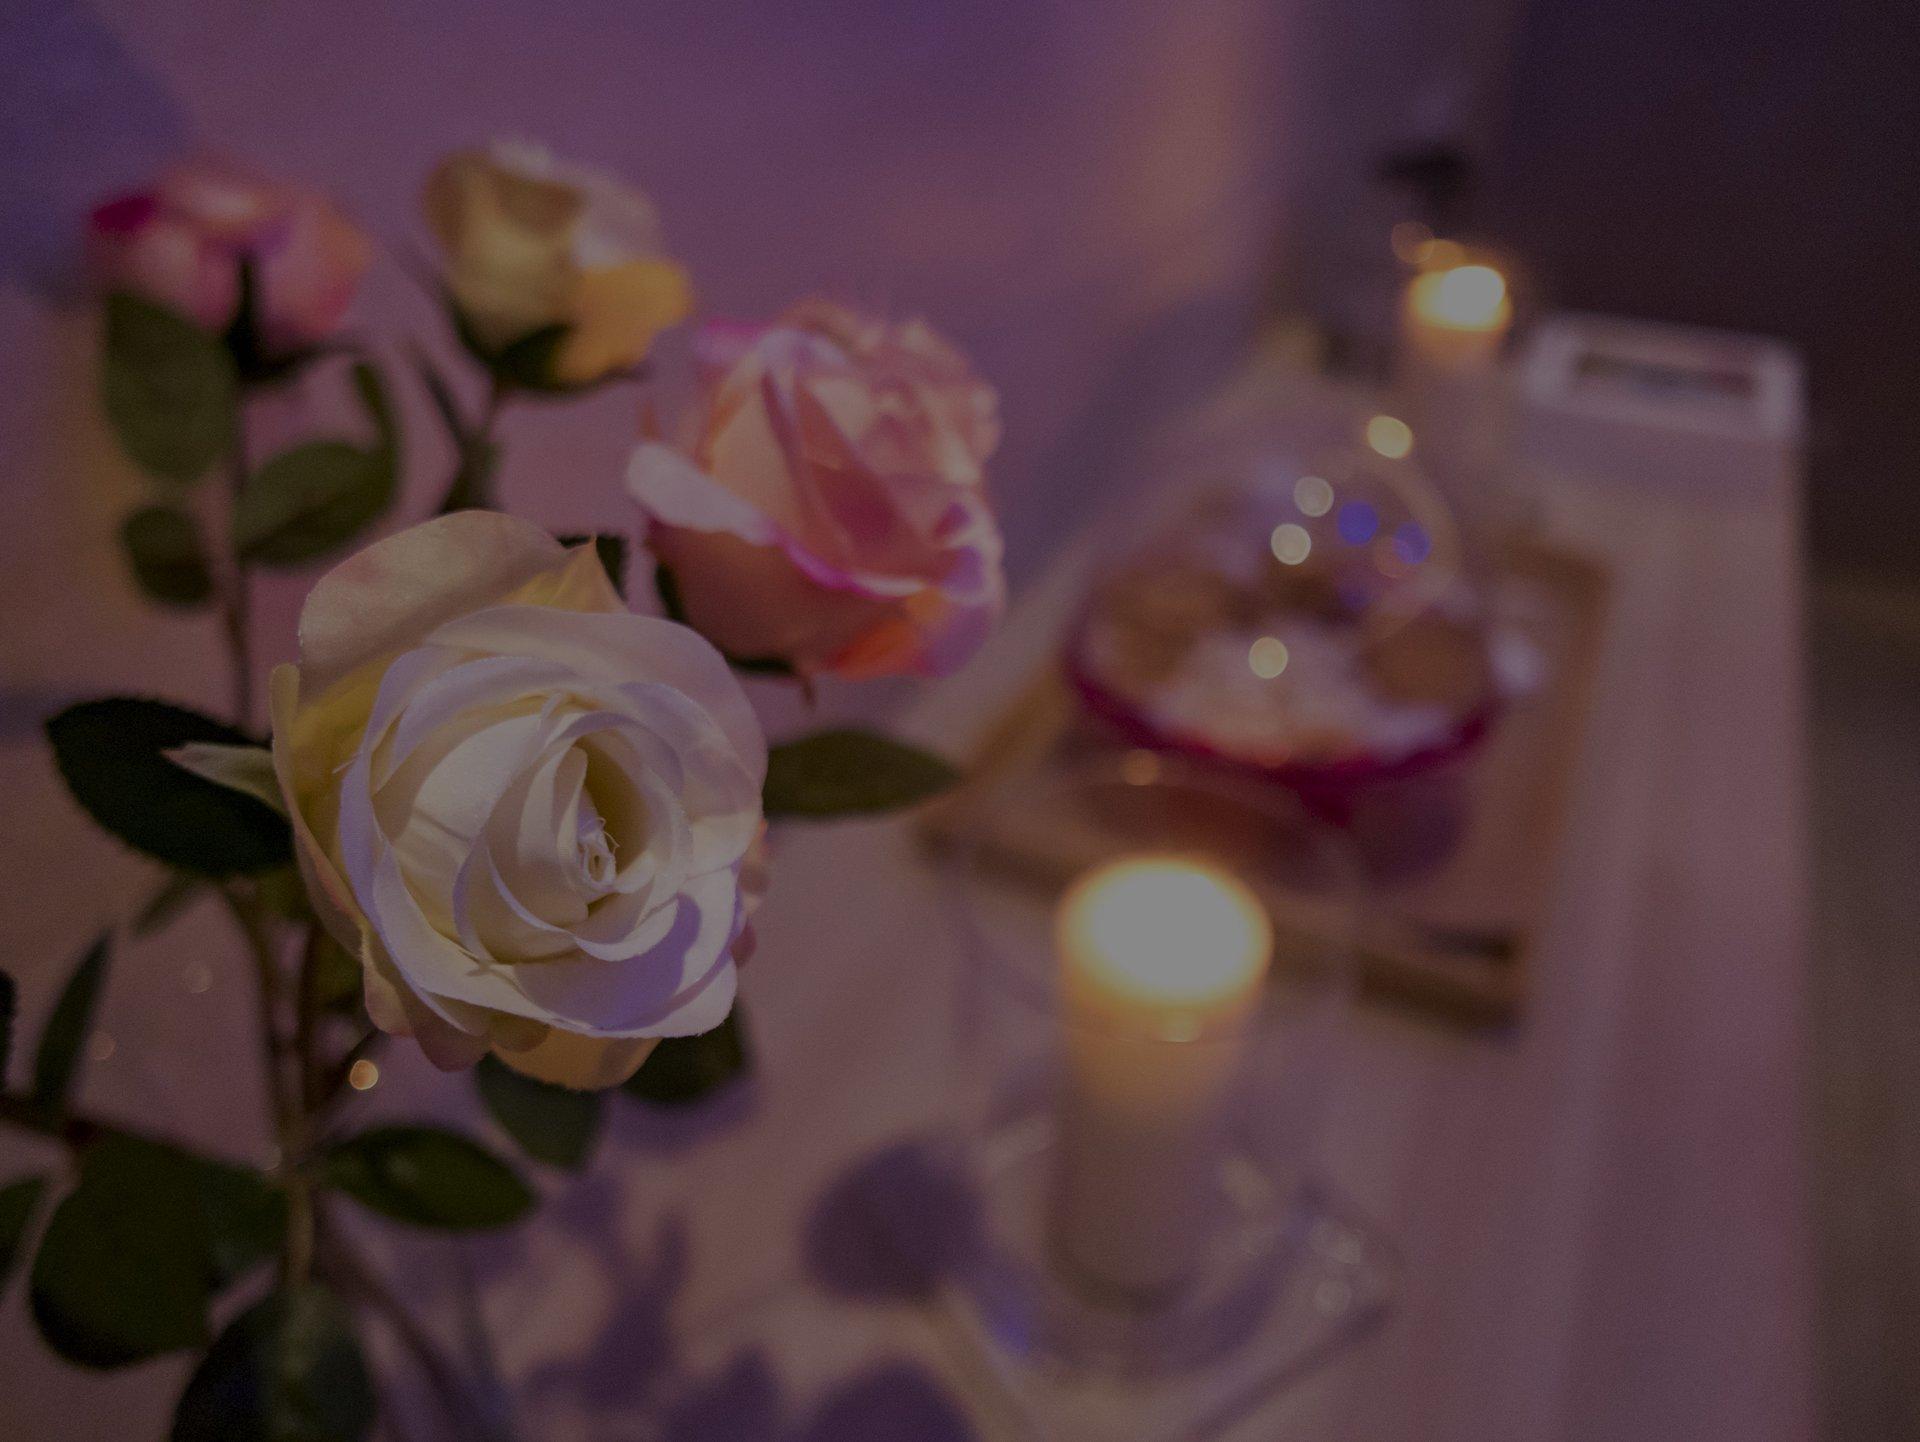 Candele rilassanti e fiori in primo piano